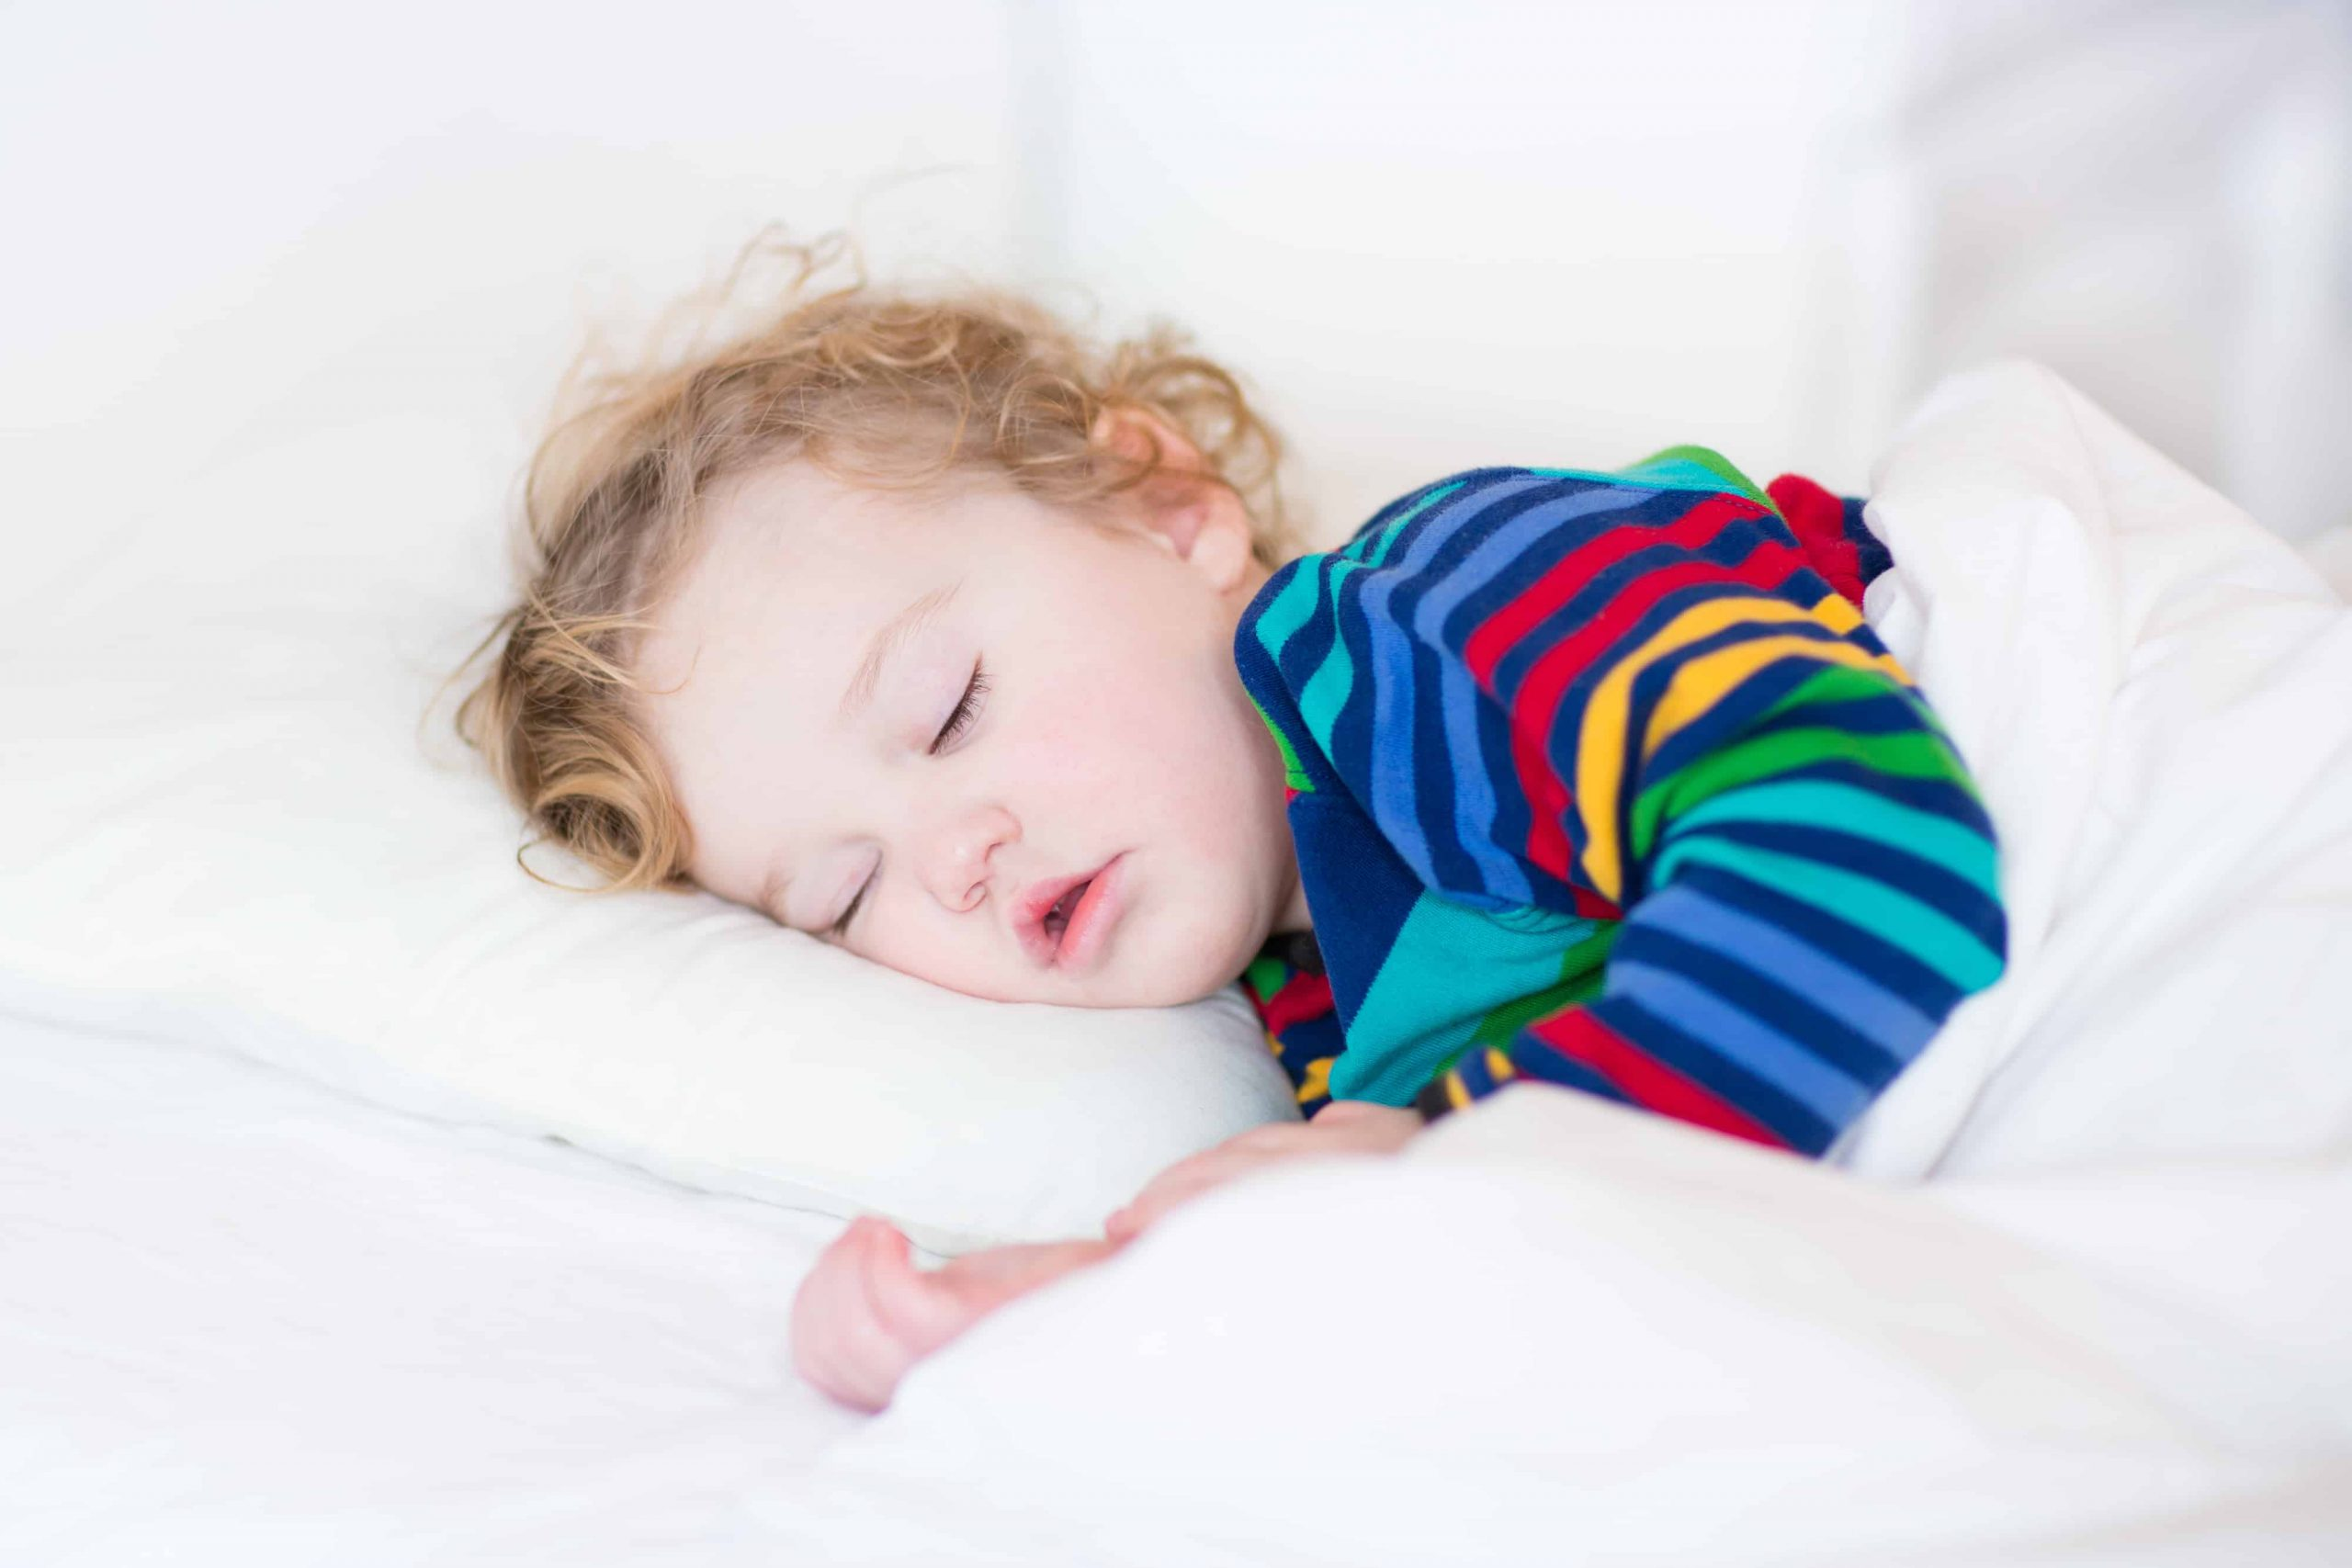 Kindermatratze: Test & Empfehlungen (02/21)